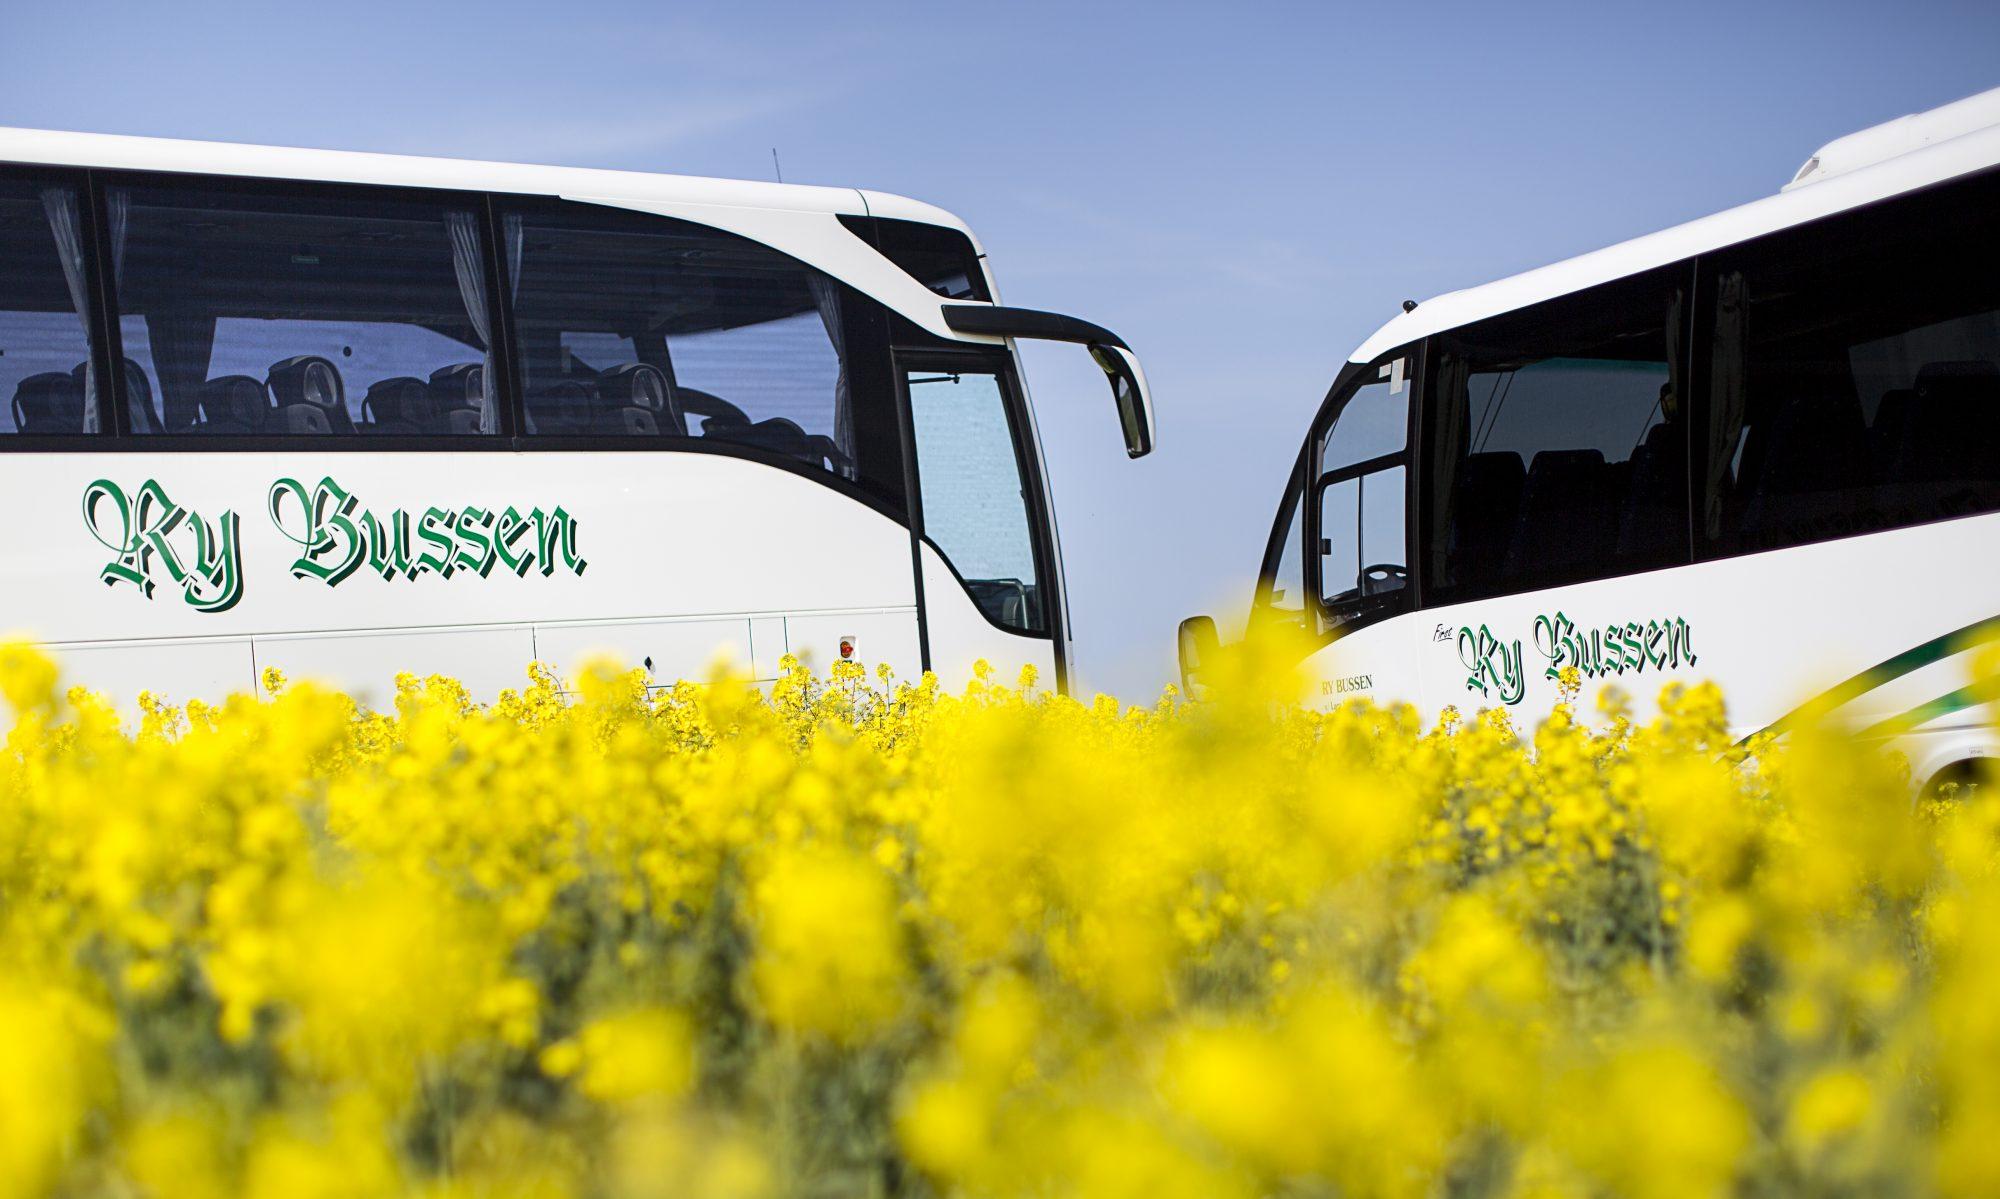 Ry Bussen - Turistkørsel